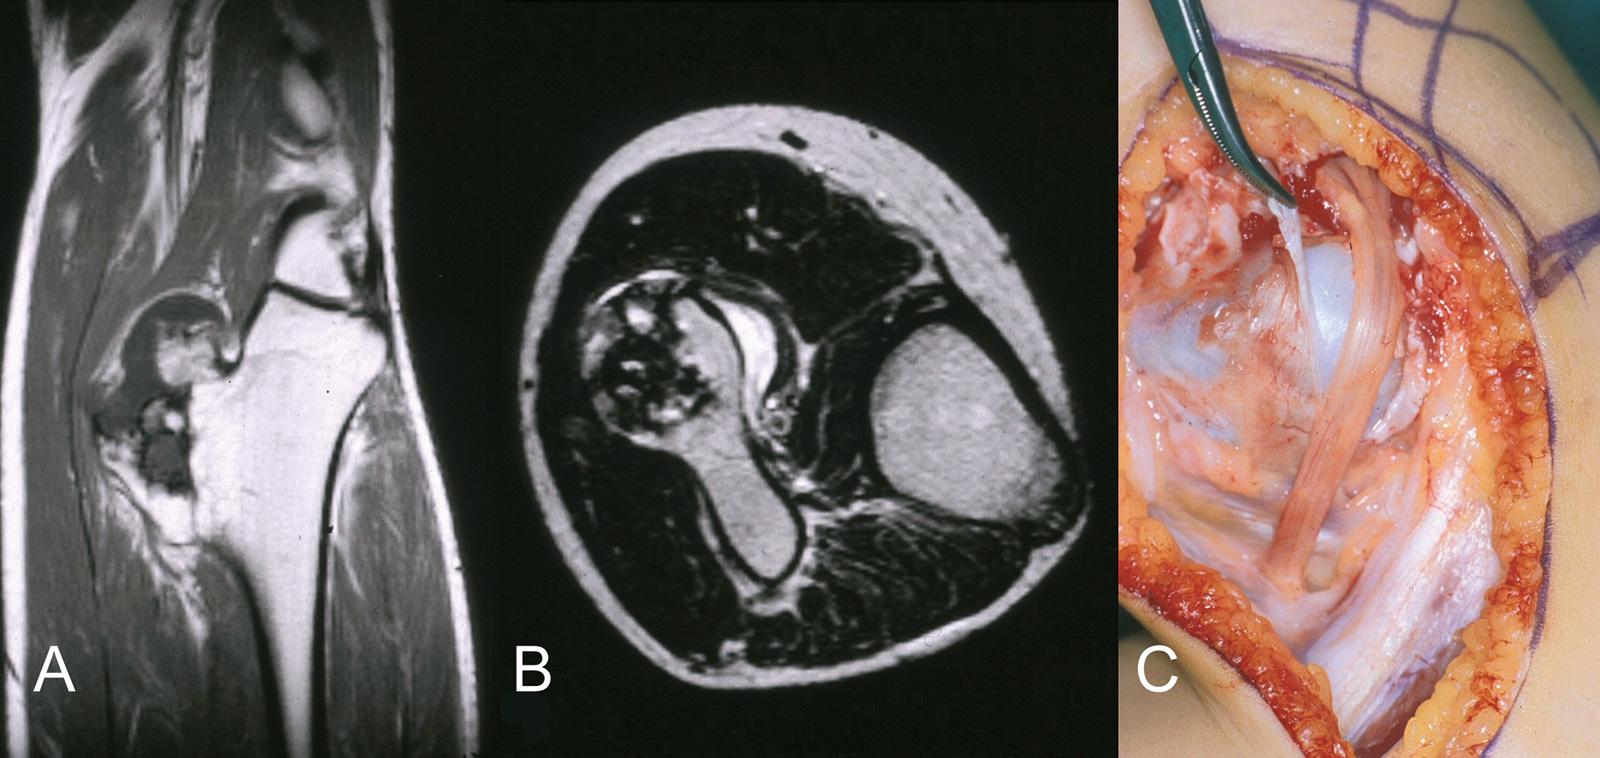 Abb. 8-42: Kartilaginäre Exostose der proximalen Fibula (A,B) mit Kompression des Nervus peroneus (C)